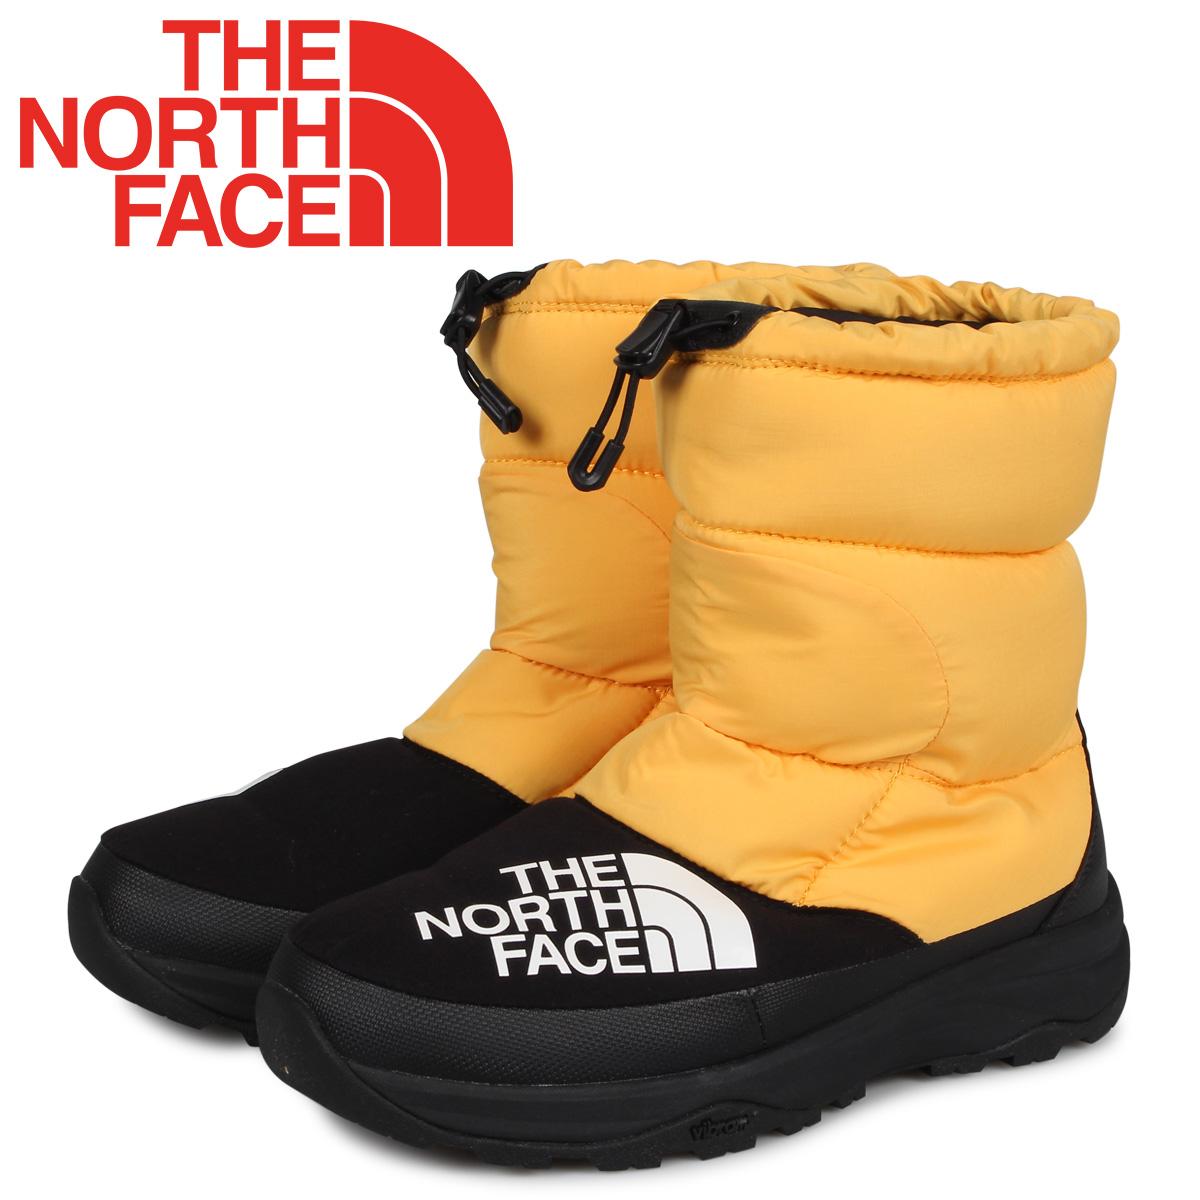 ノースフェイス THE NORTH FACE ヌプシ ダウンブーティ ブーツ メンズ レディース NUPTSE DOWN BOOTIE イエロー NF51877